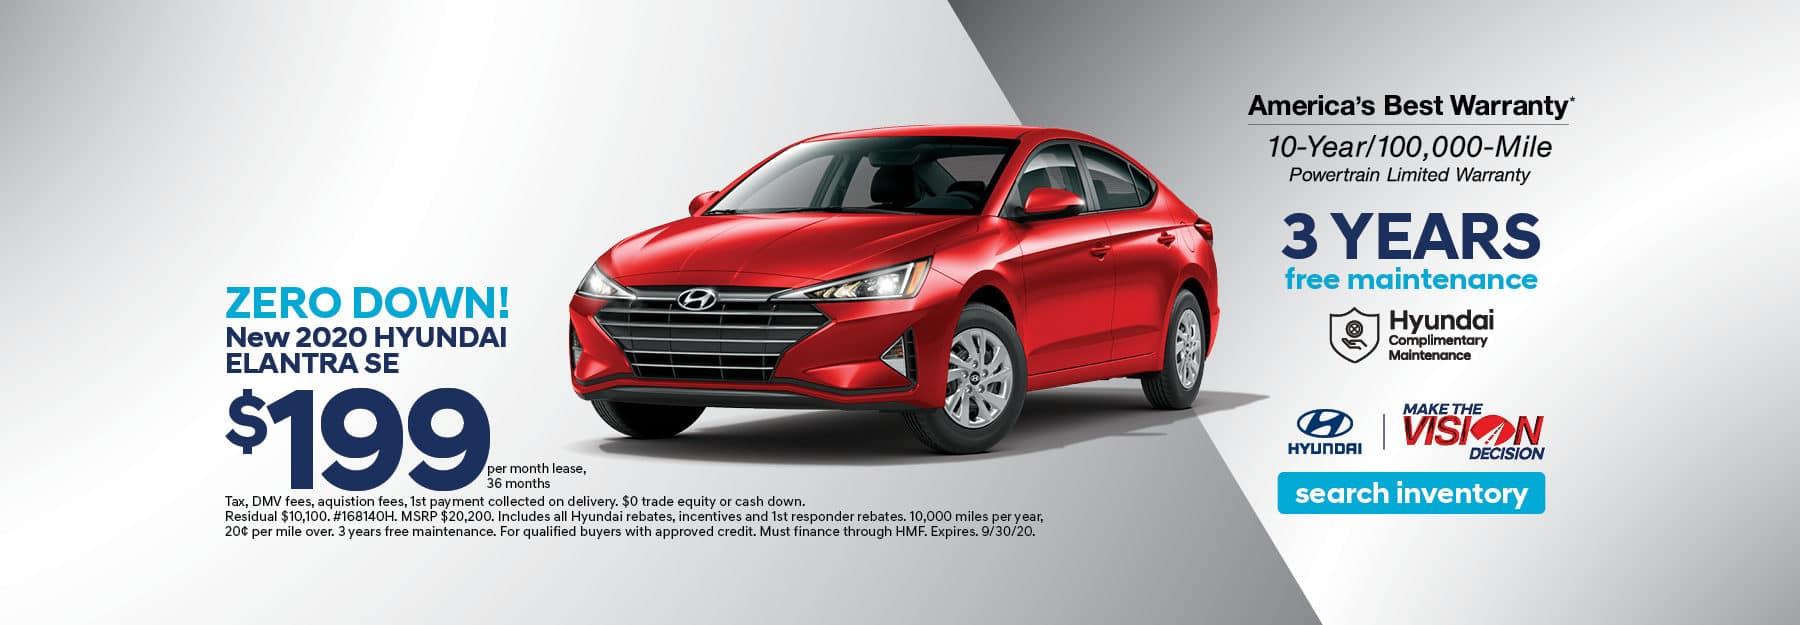 Vision_Hyundai_Sliders-0910-Elantra